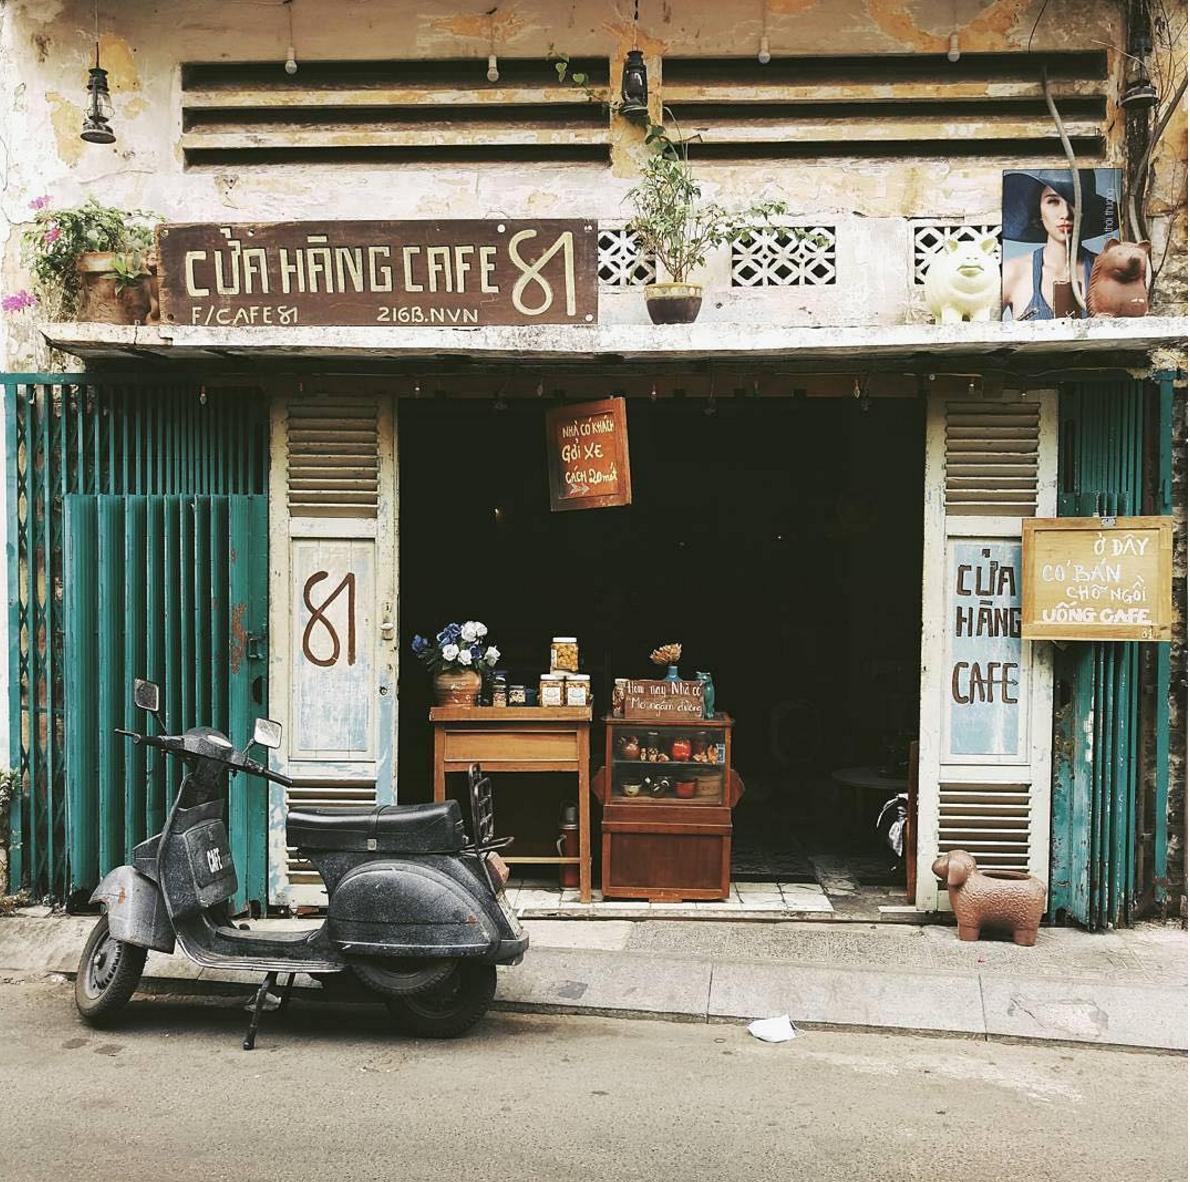 Cửa hàng cafe 81 | Cửa sổ, Cà phê, Hà nội